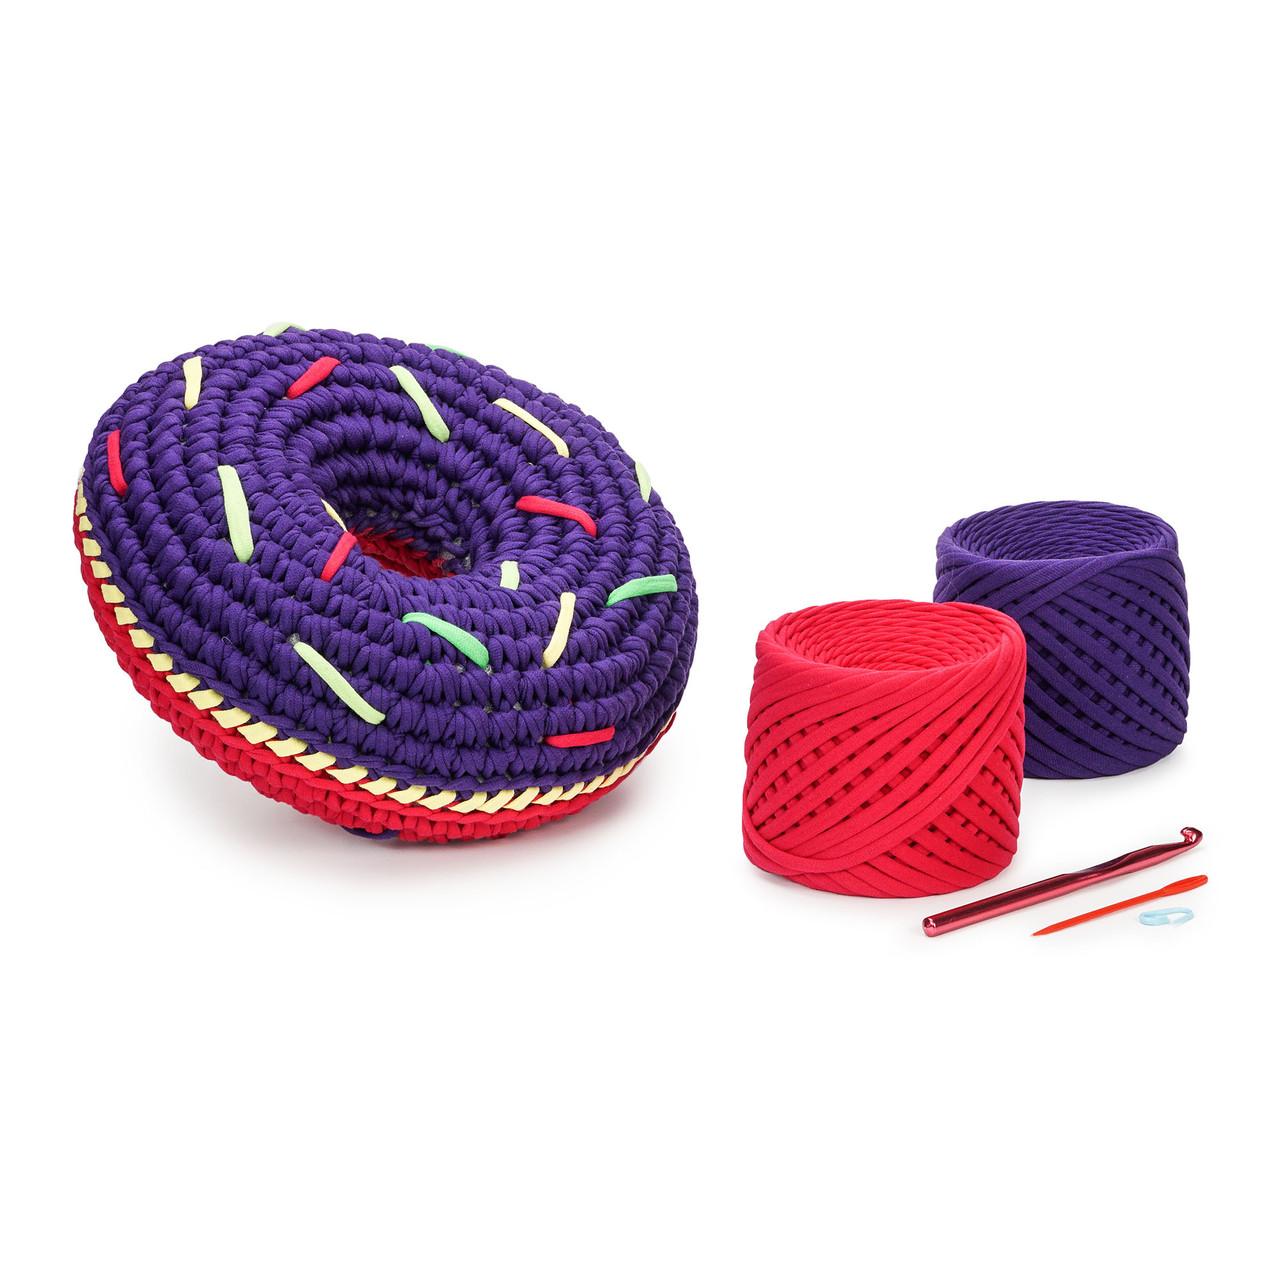 Набор для вязания крючком SWEET DONUT Цвет: Красный Мак + Синий электрик